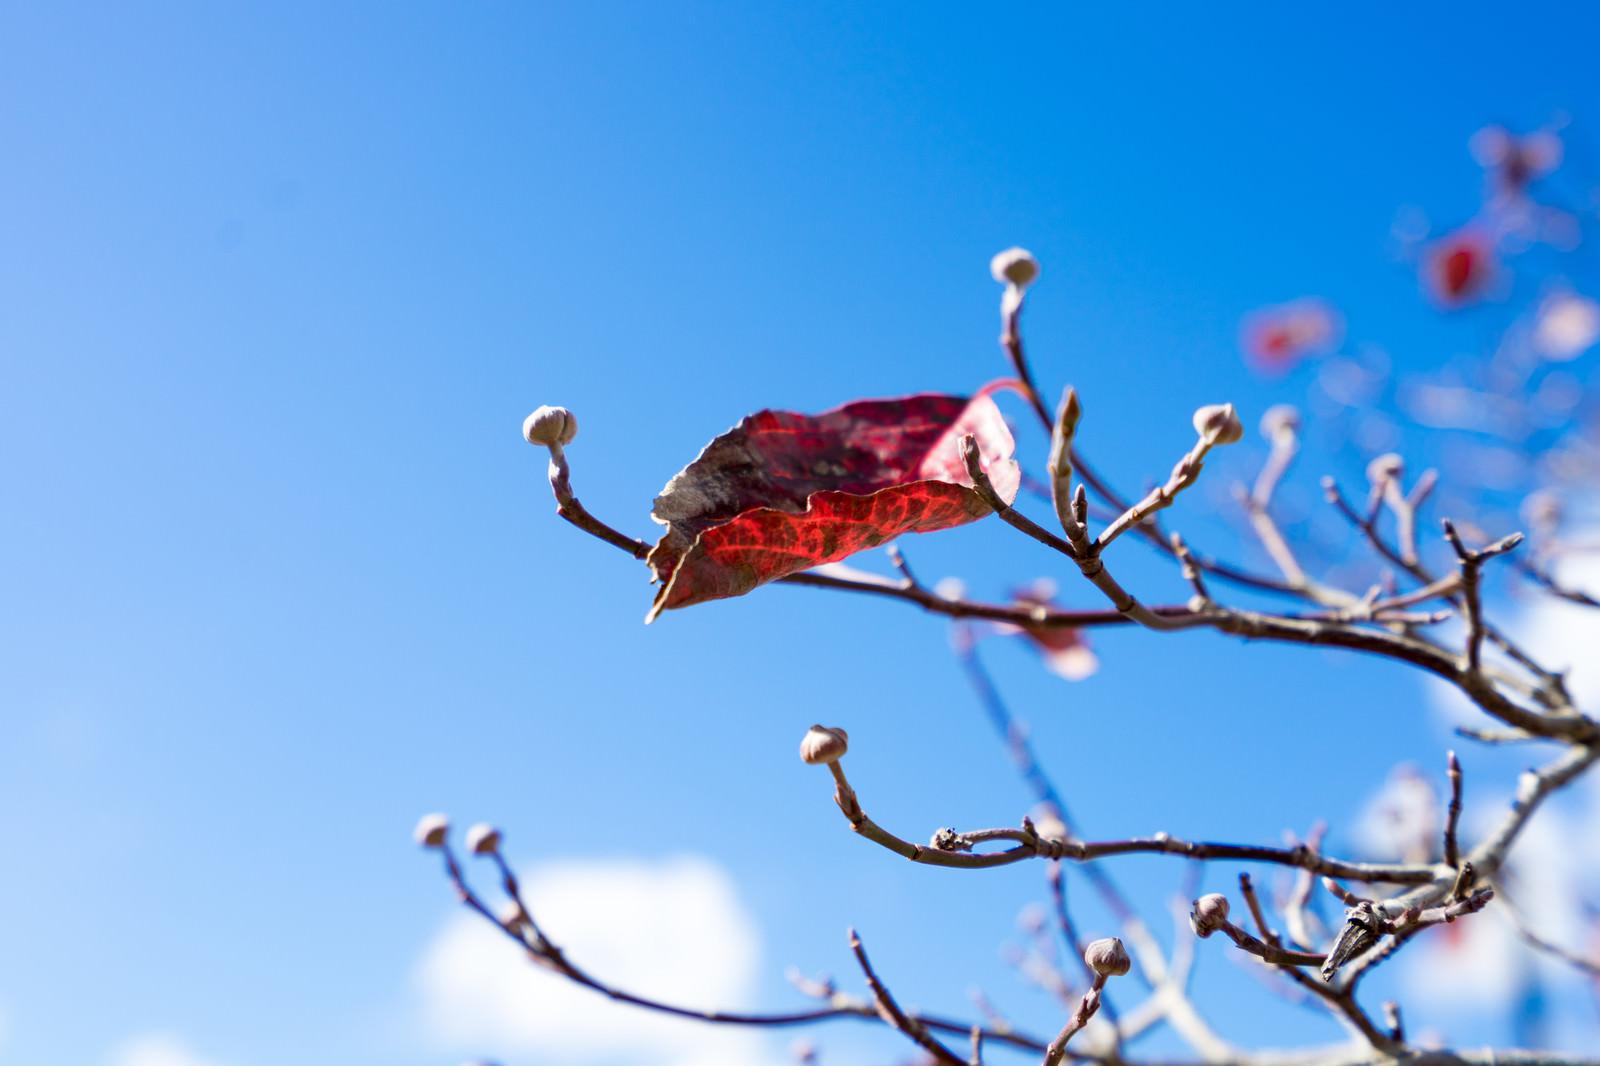 「枝に僅かに残る紅葉した枯葉」の写真